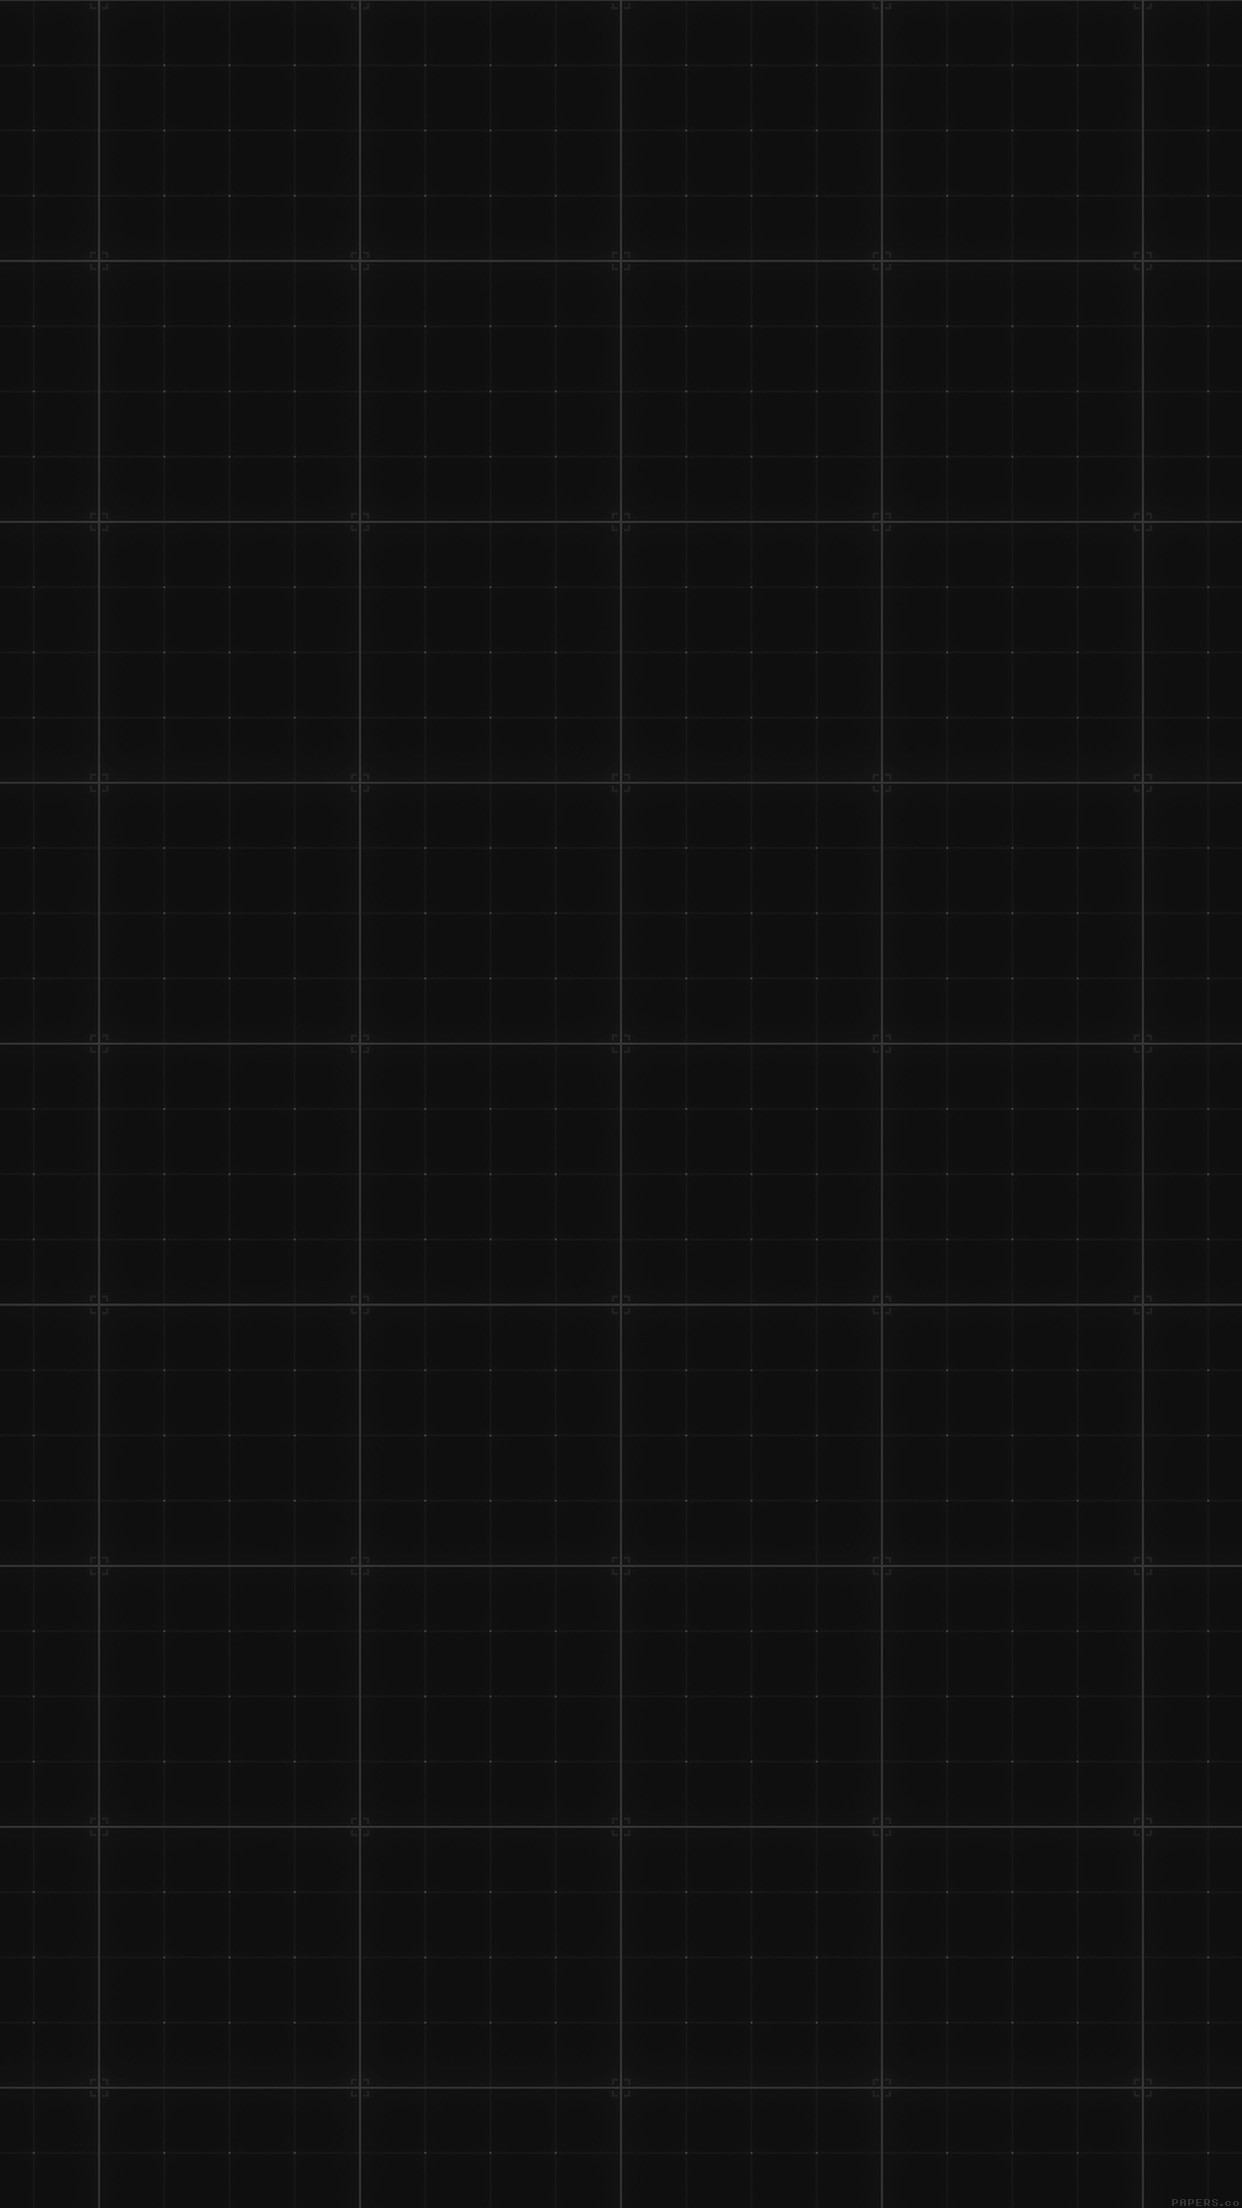 Iphonexpaperscom Iphone X Wallpaper Vi69 Dark Black